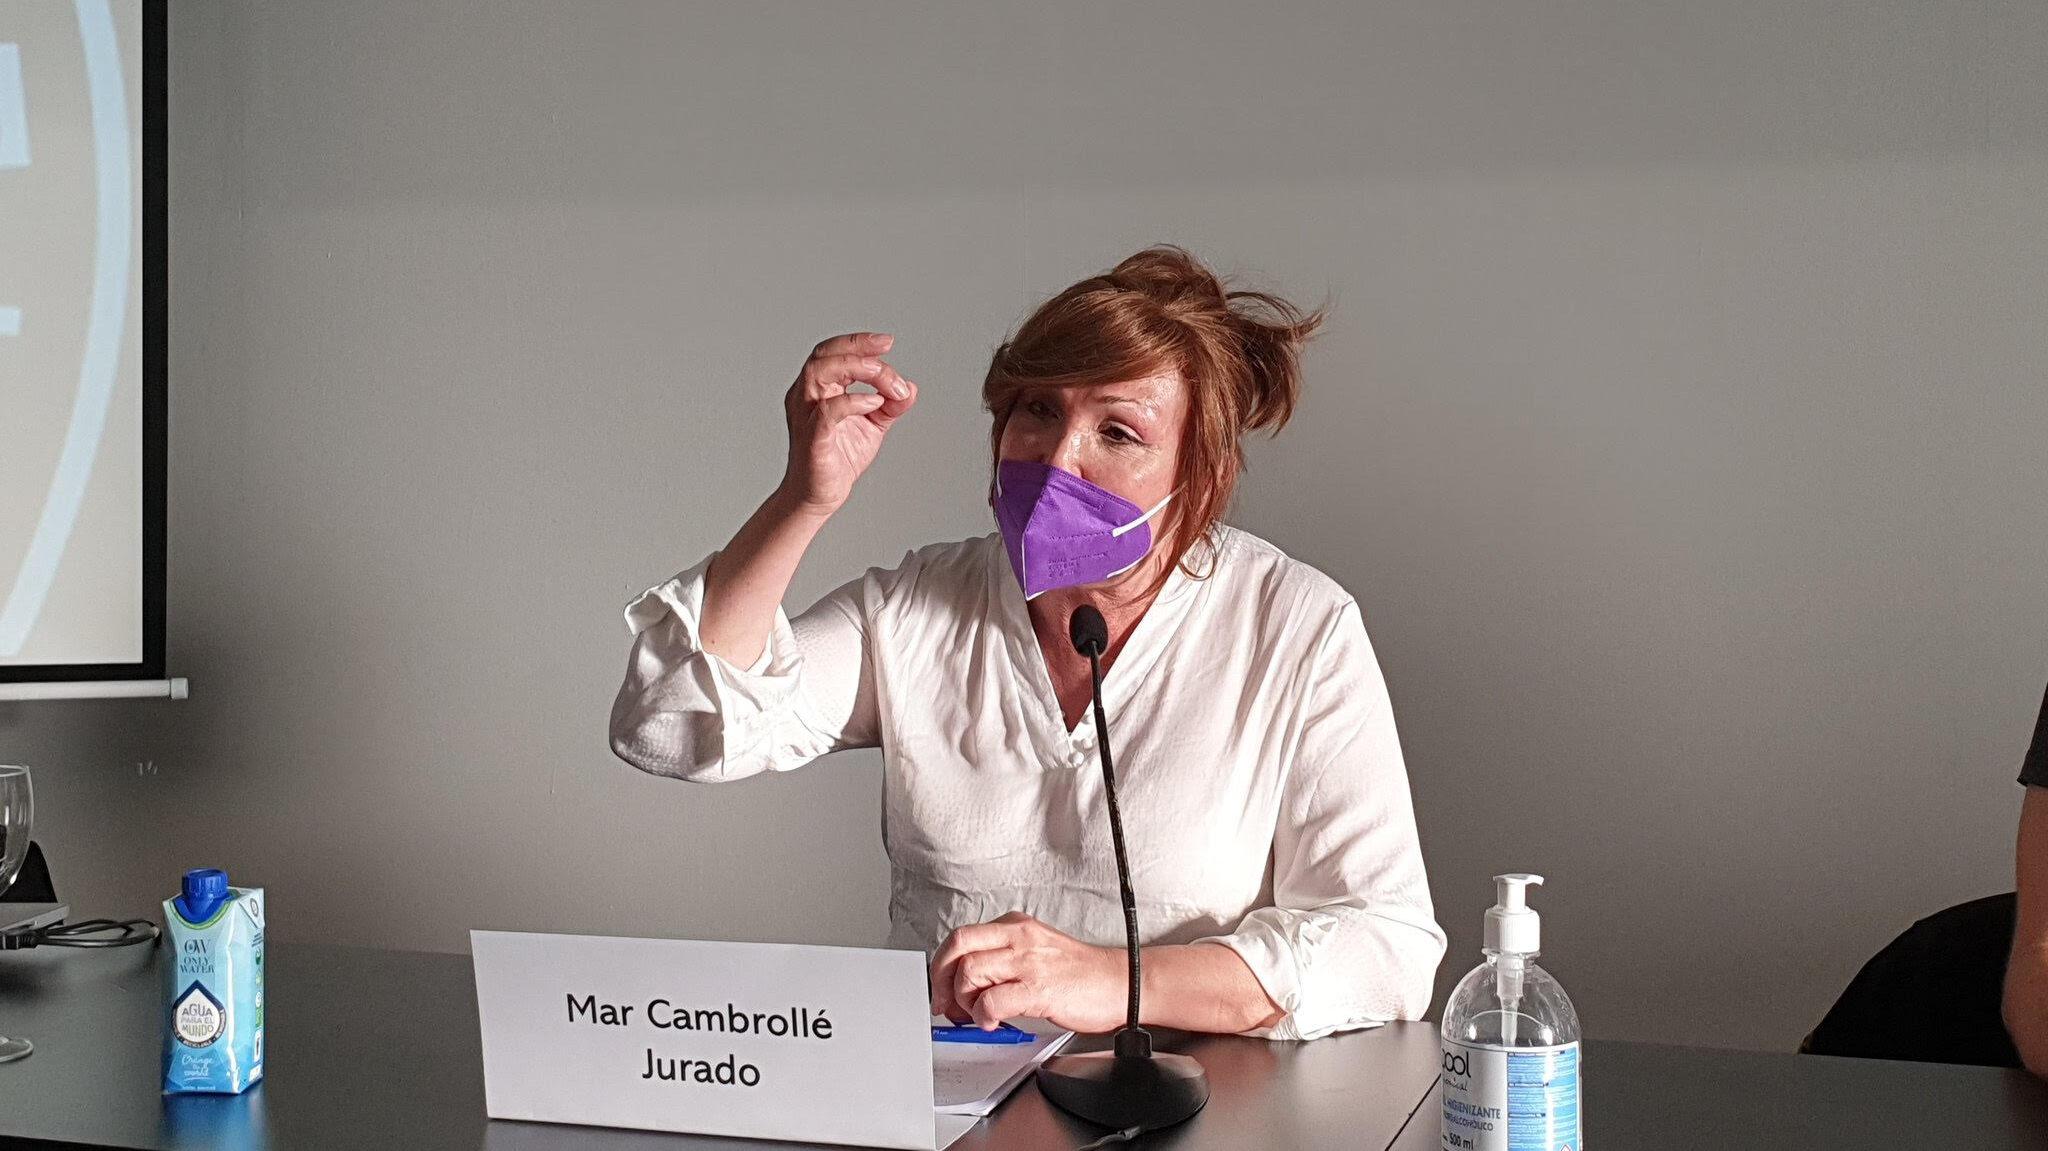 Mar Cambrollé participó en la mesa  Desarrollo de identidades disidentes y paradigmas de género del Congreso sobre Identidades